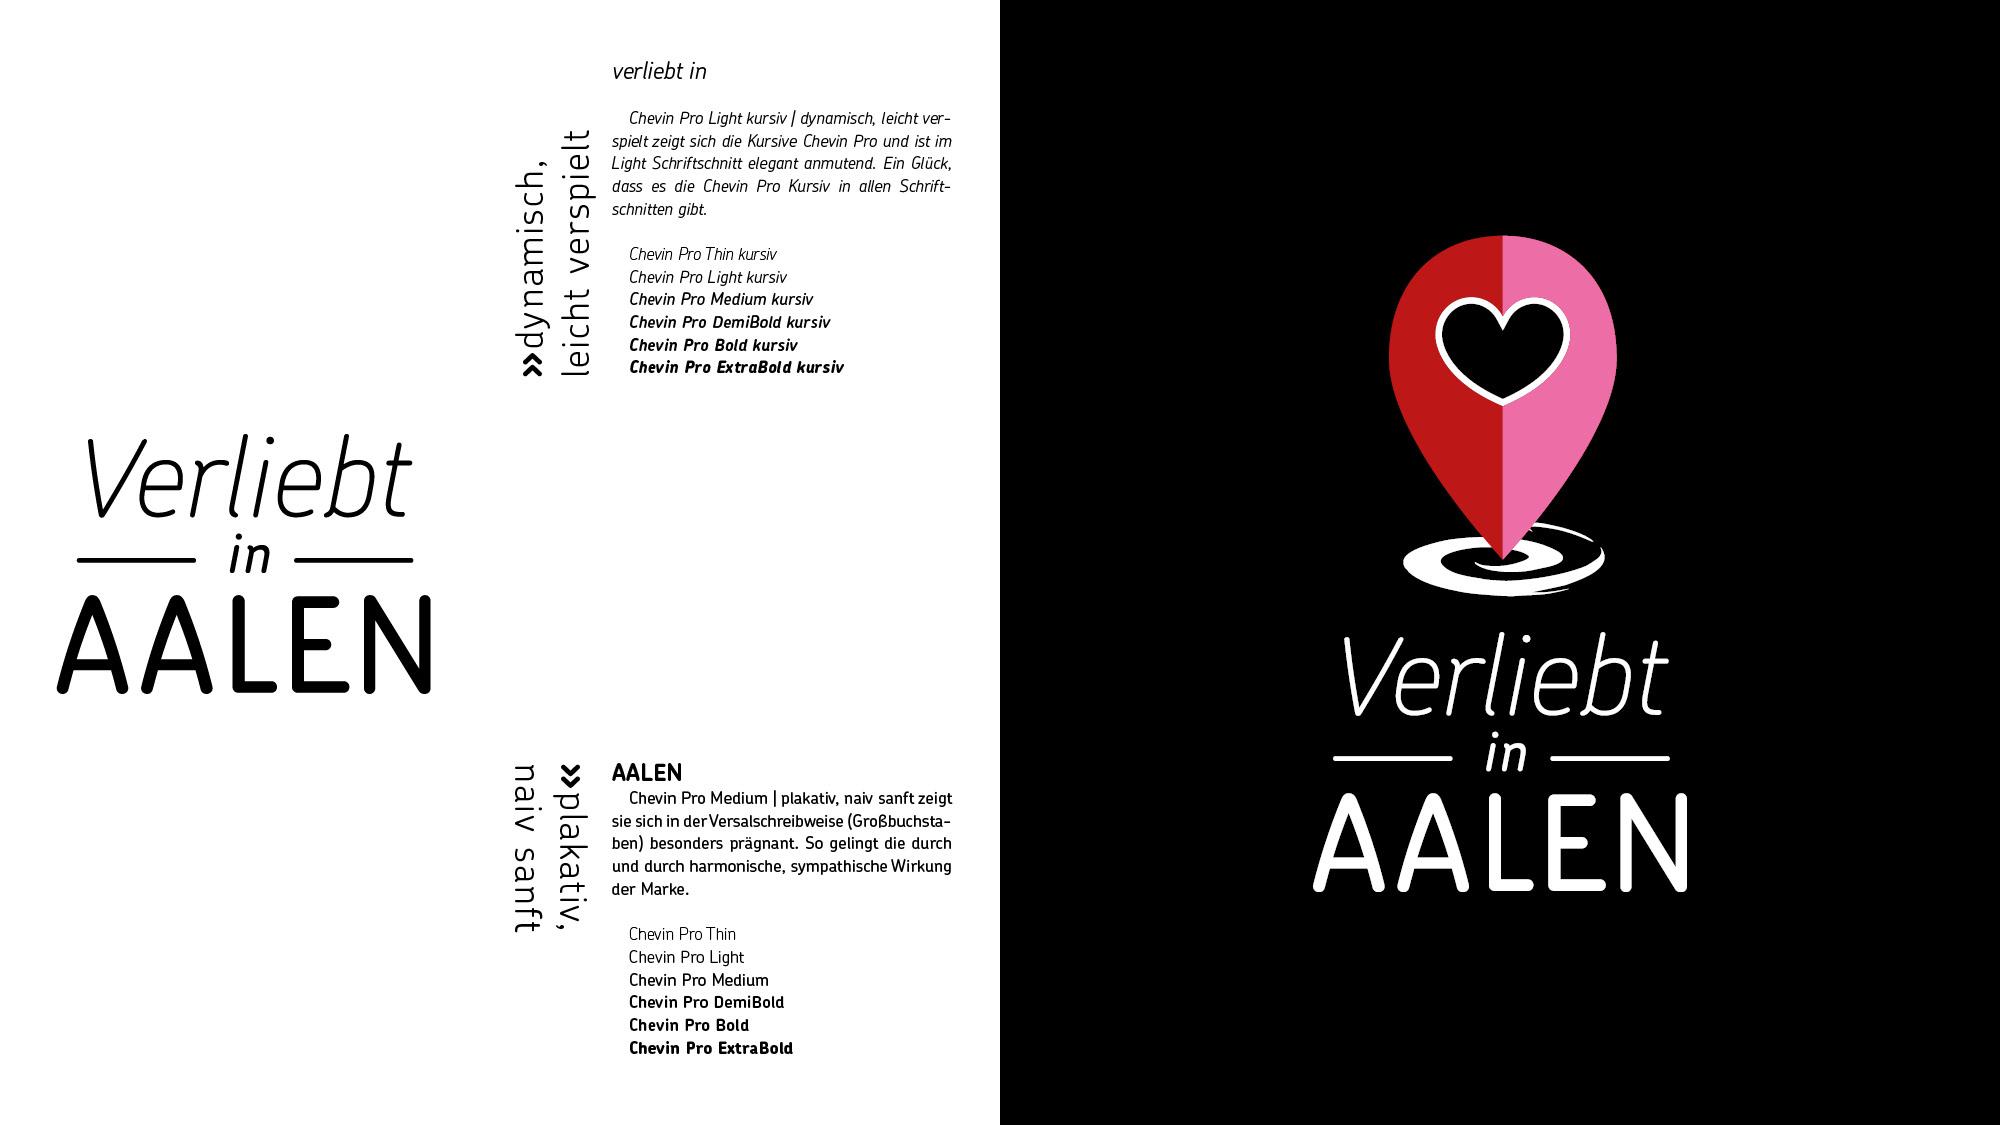 verliebt in aalen - hg - branding - 2000-1125 - typographie